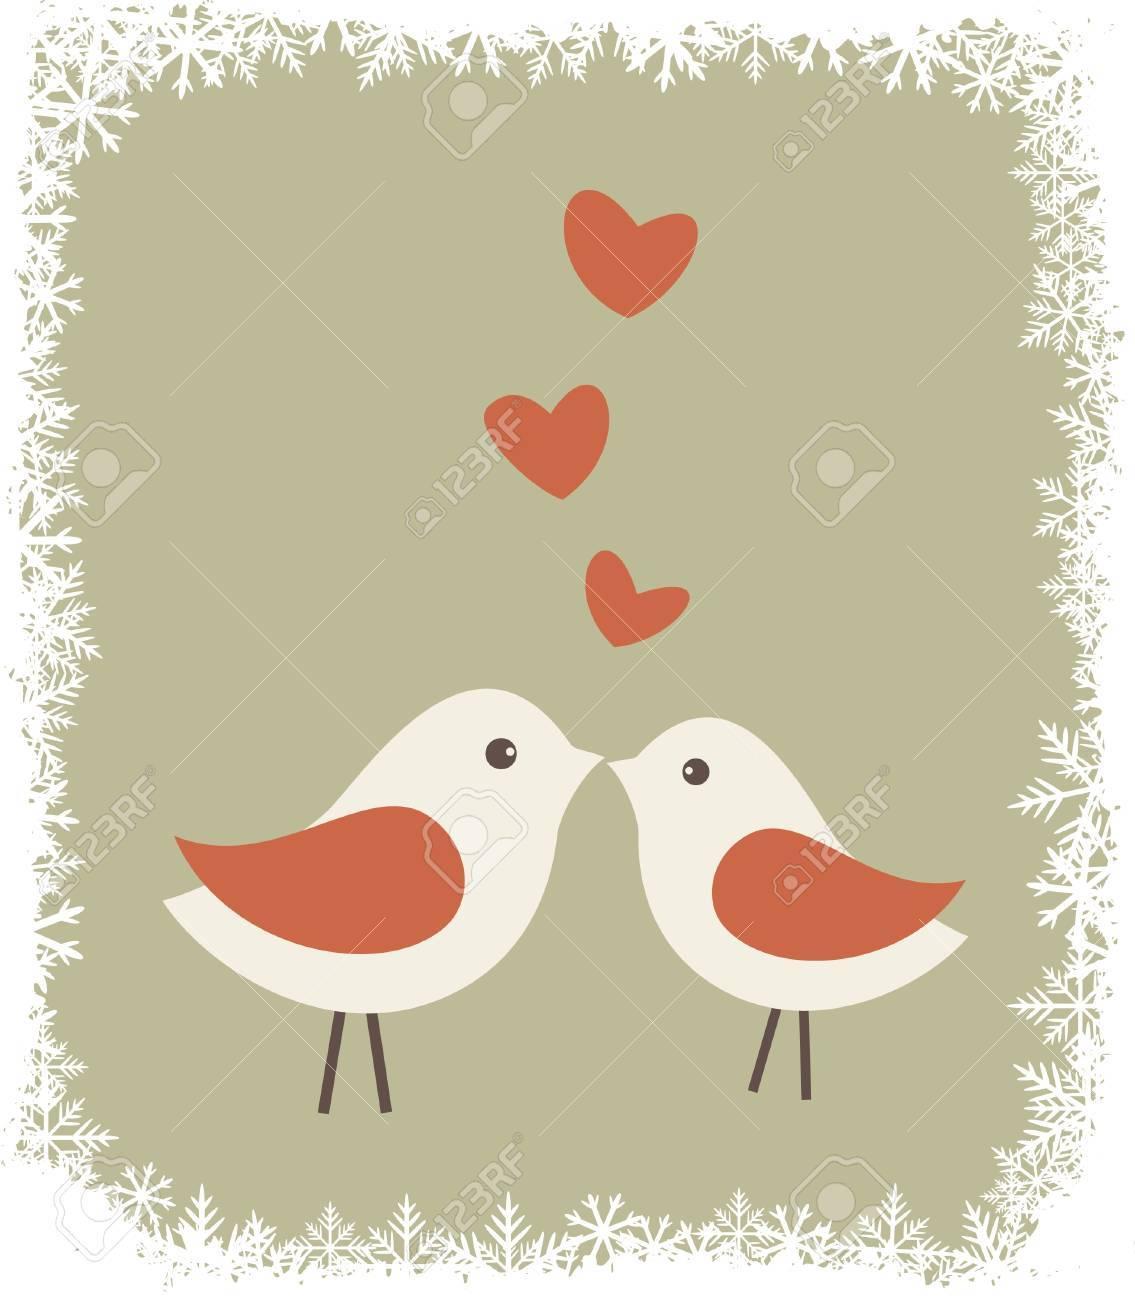 2 つのかわいい鳥恋イラストのイラスト素材ベクタ Image 15436411